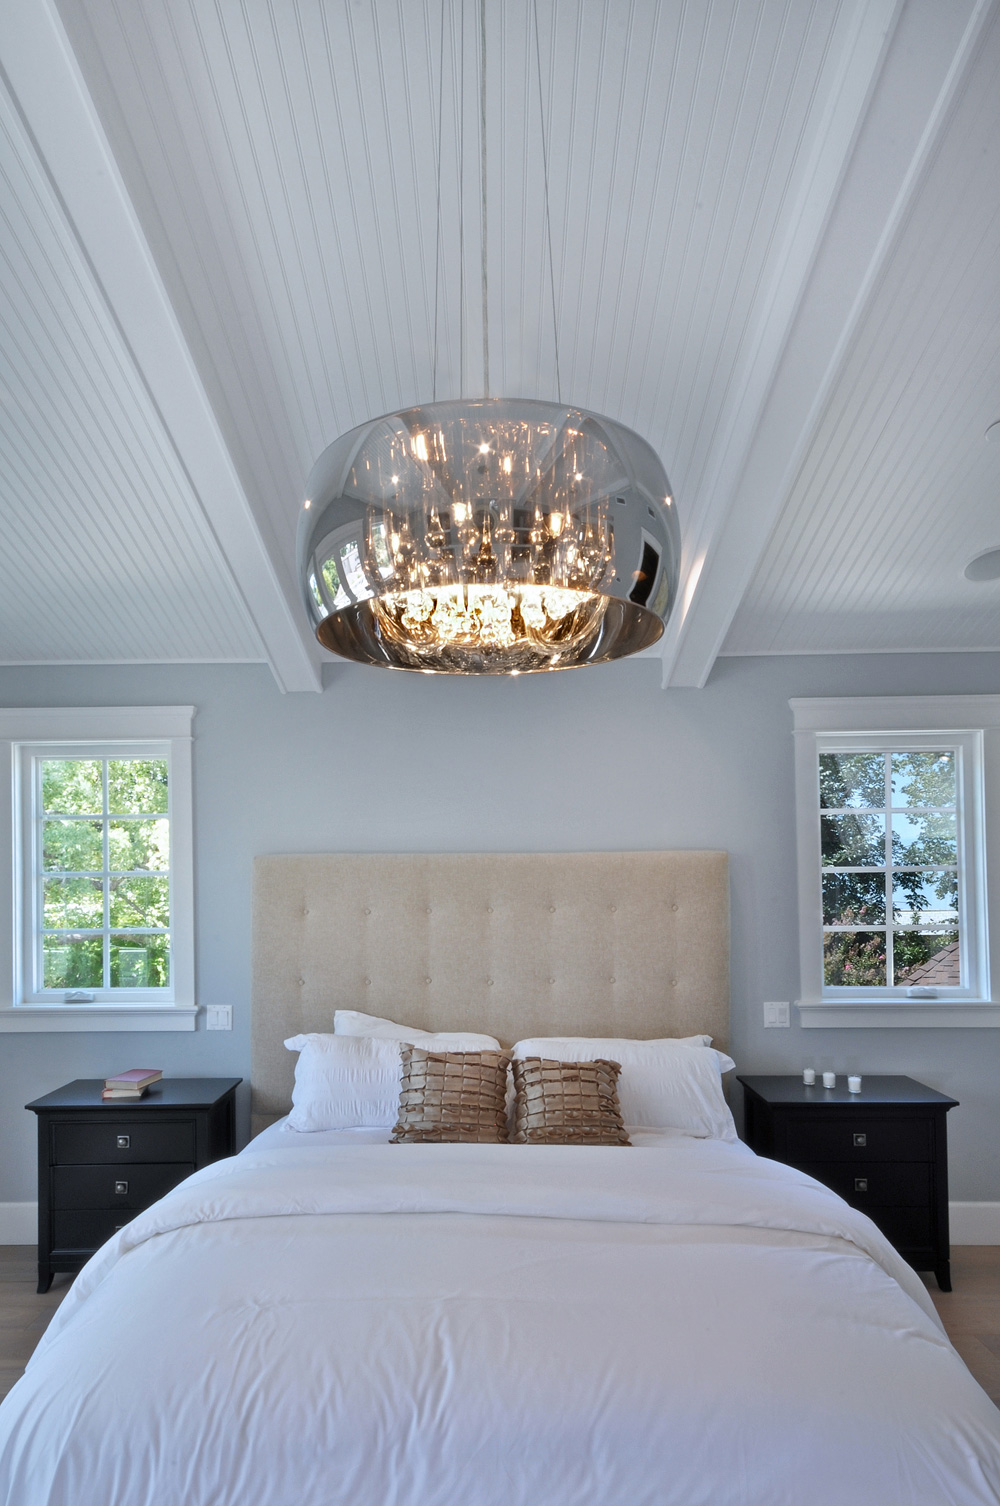 Plafonnier chambre design id e de luminaire et lampe maison for Plafonnier design pour chambre